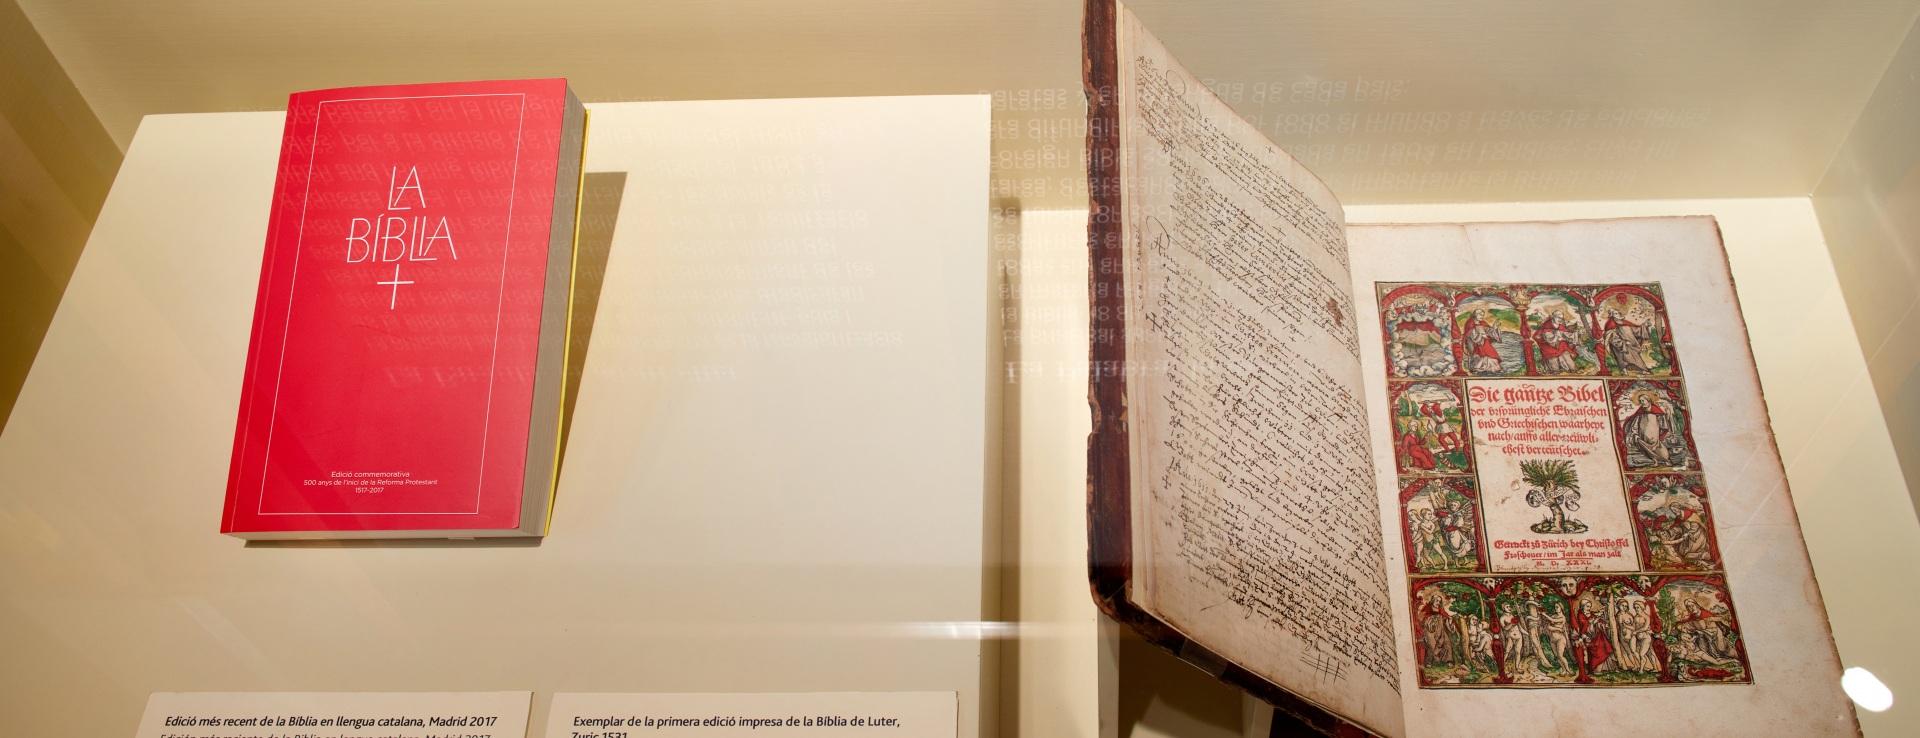 Exposición protestantes Caixaforum. Vitrina con una primera edición de la Biblia protestante y una última edición de la Biblia protestante.